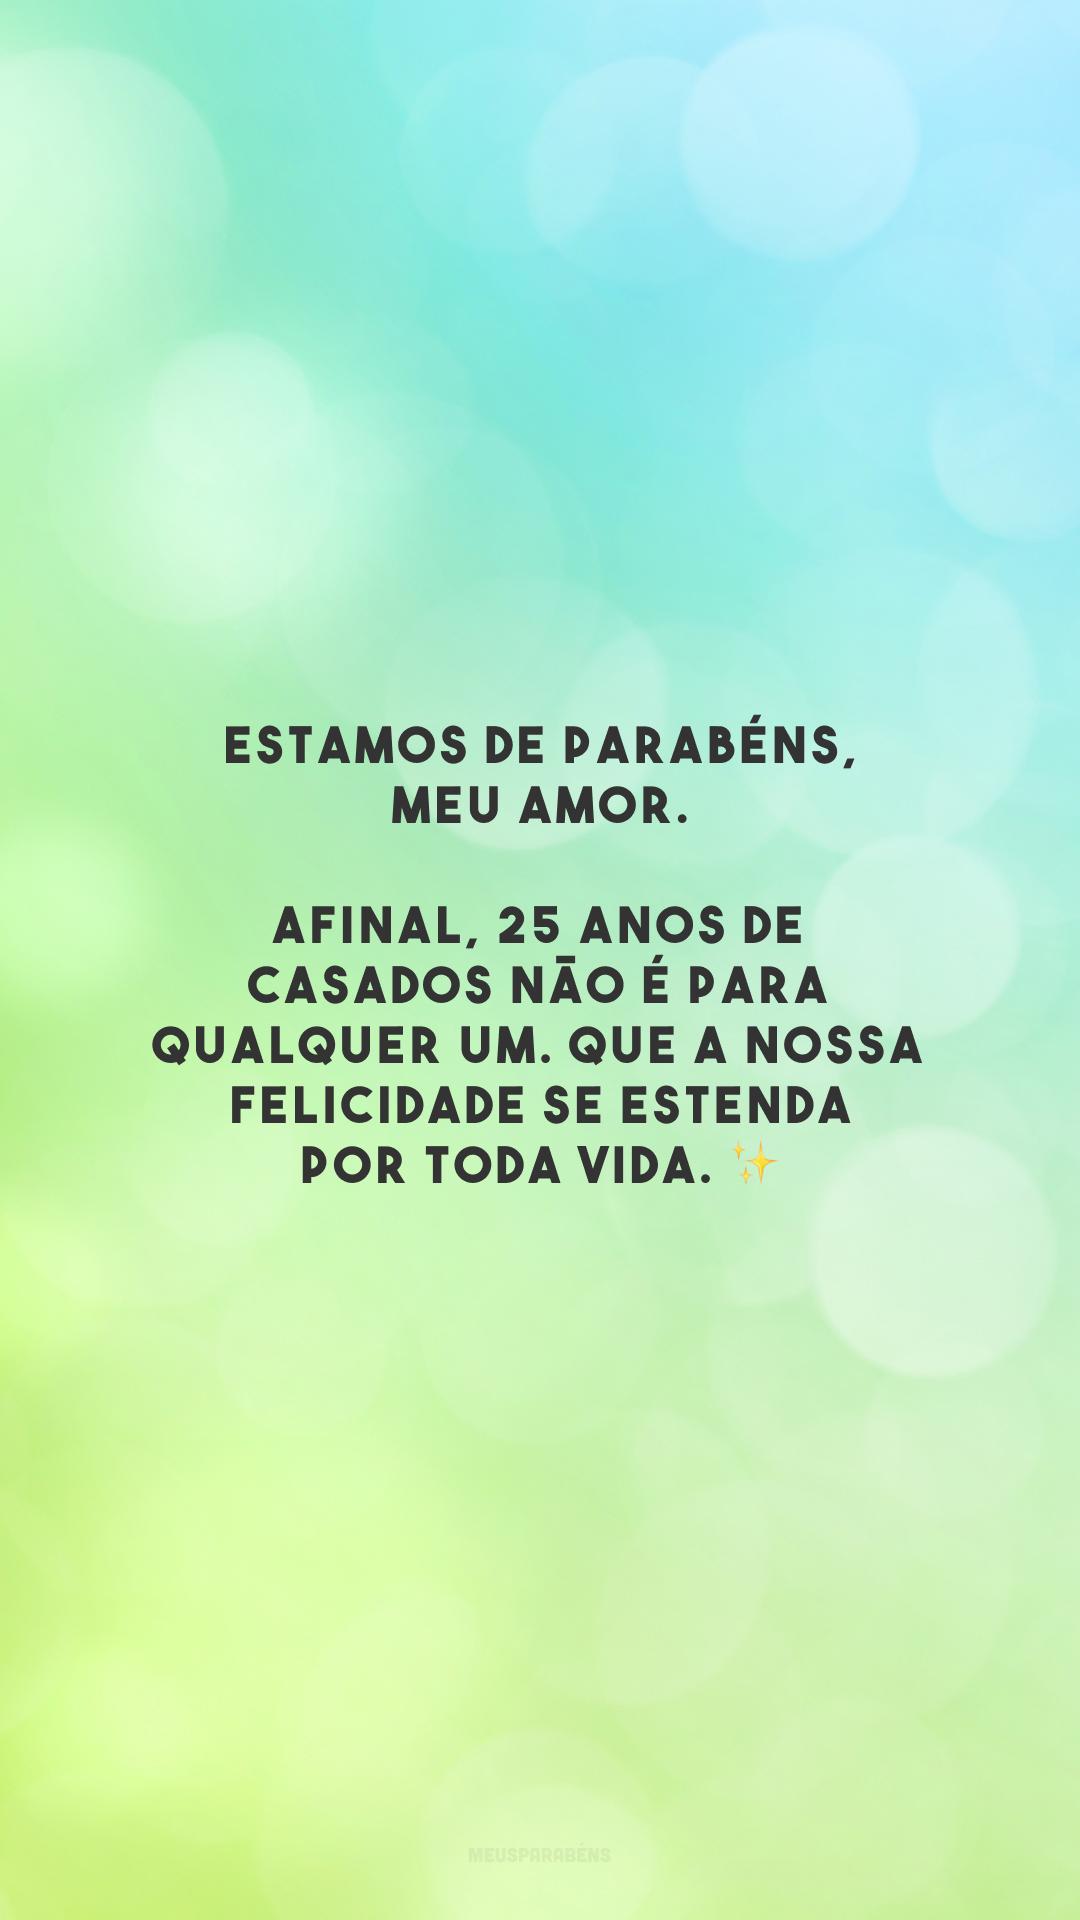 Estamos de parabéns, meu amor. Afinal, 25 anos de casados não é para qualquer um. Que a nossa felicidade se estenda por toda vida. ✨